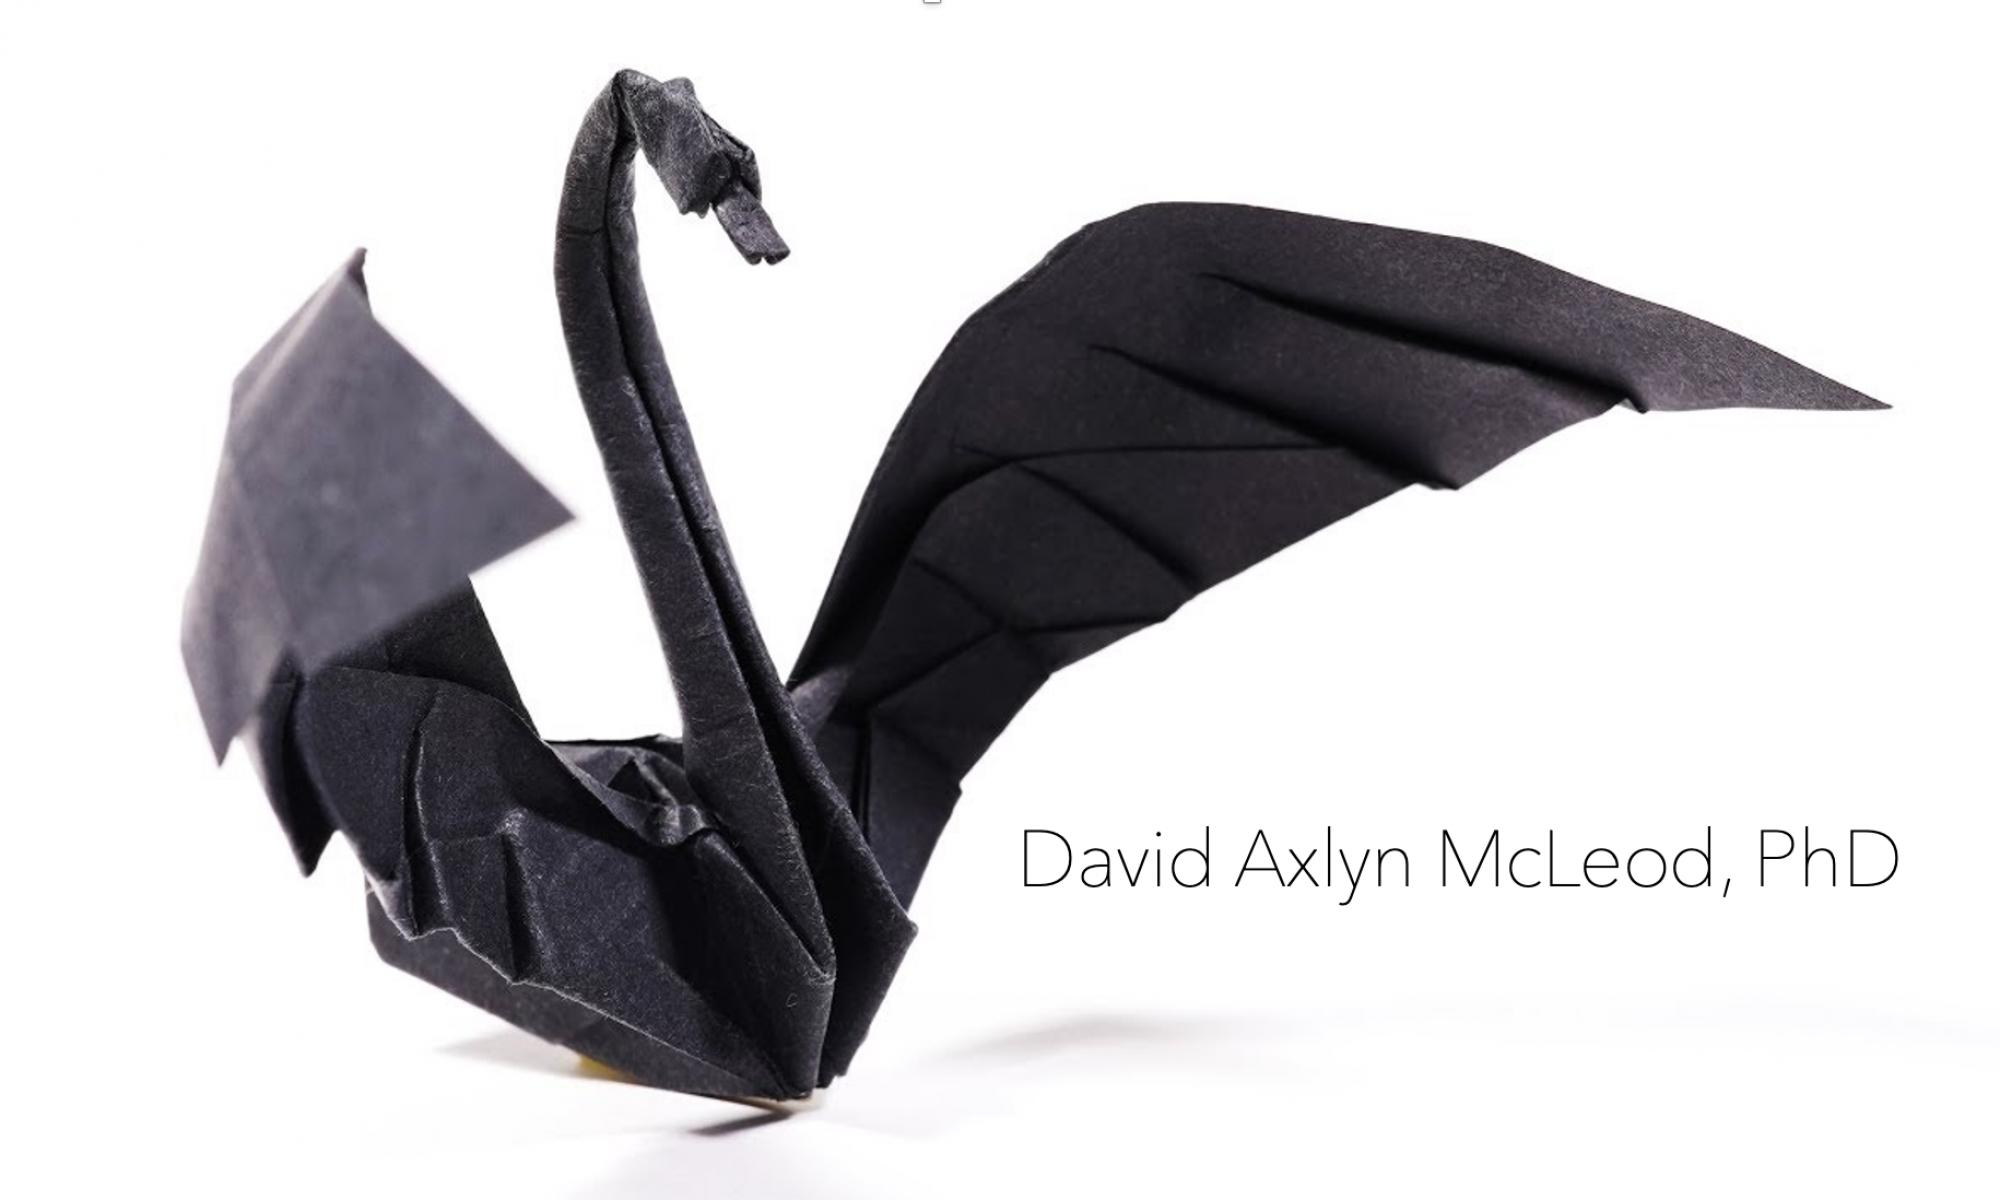 David Axlyn McLeod, PhD